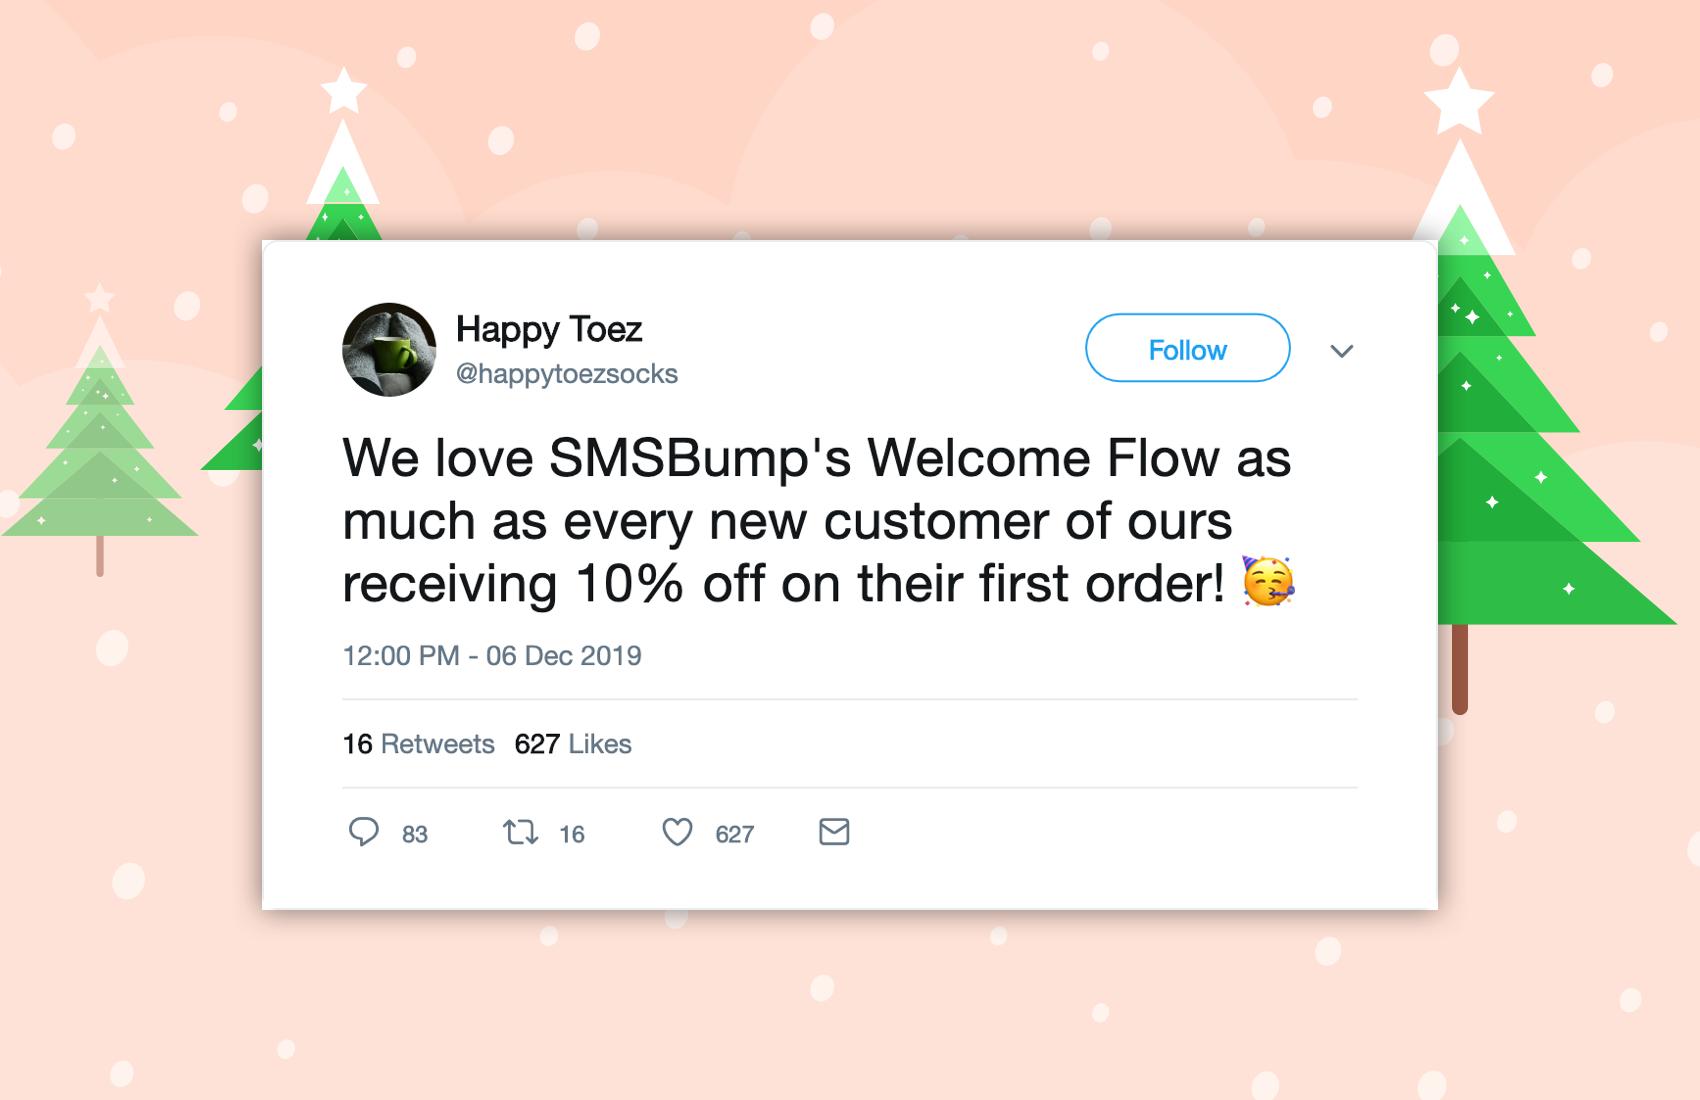 tweet-fave-app-smsbump